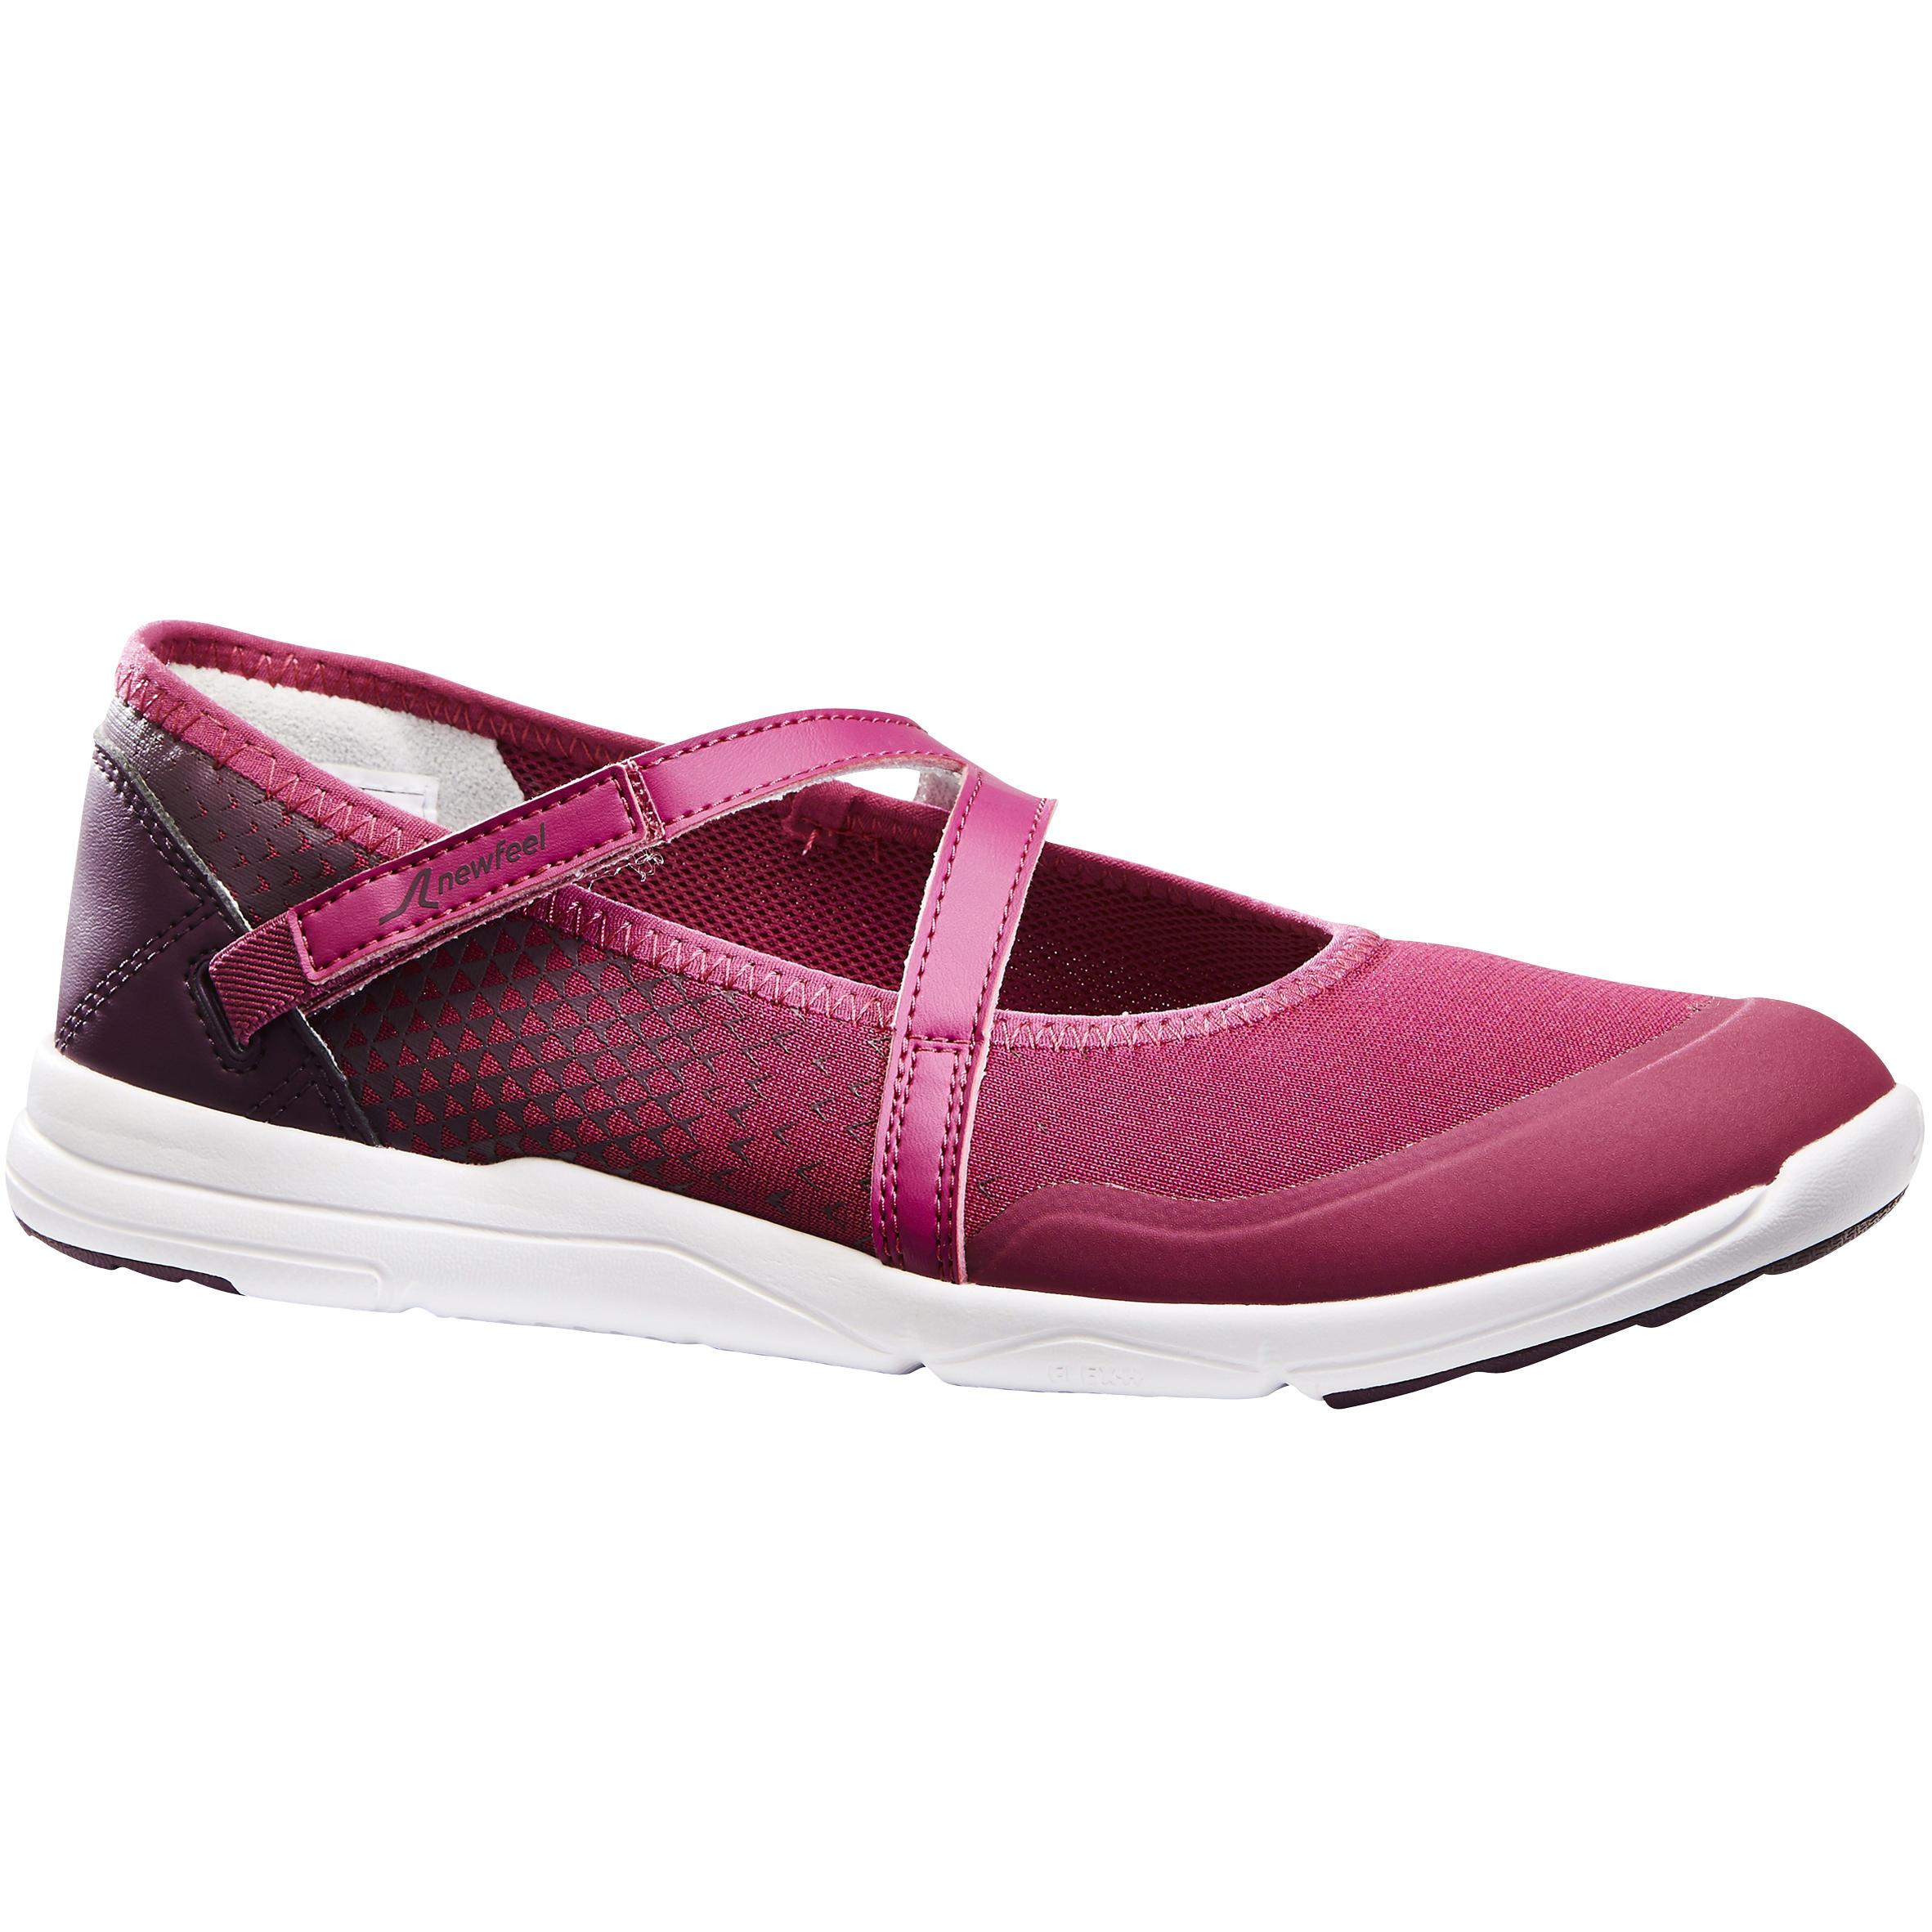 Newfeel Dames ballerina's voor sportief wandelen PW 160 Br'easy